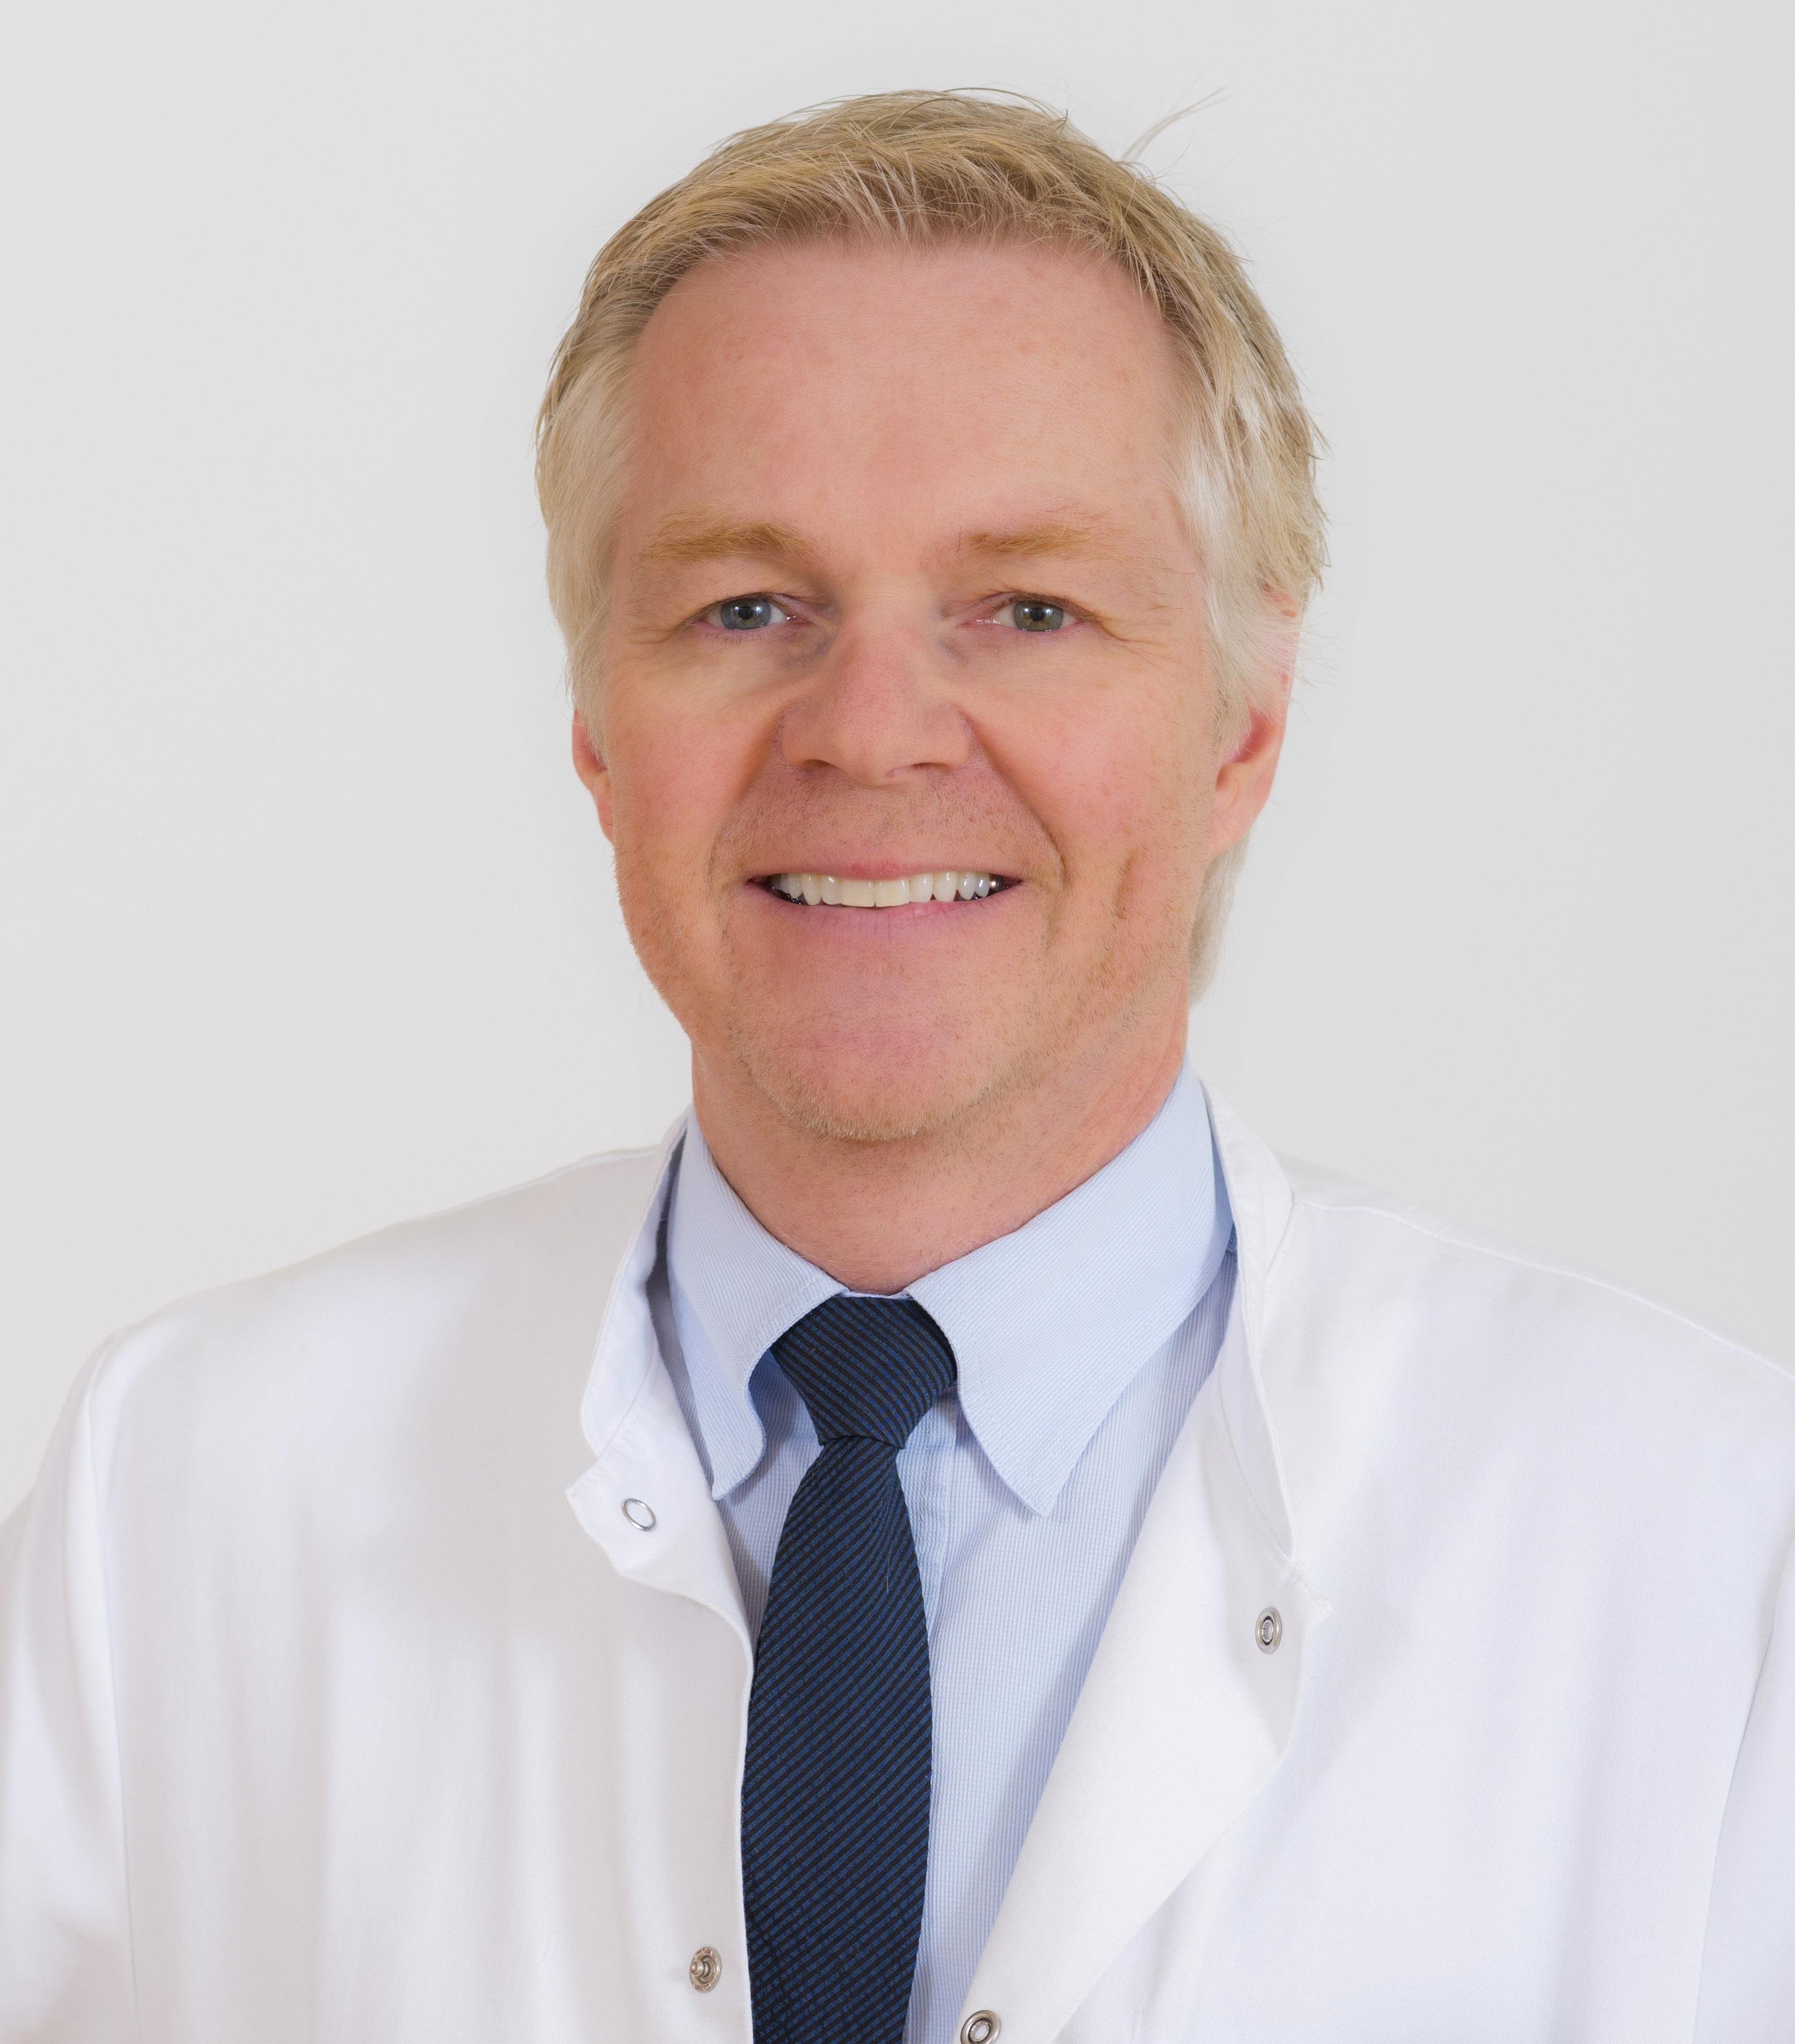 Dir. Prim. Univ.-Prof. Dr. Friedrich Hoppichler